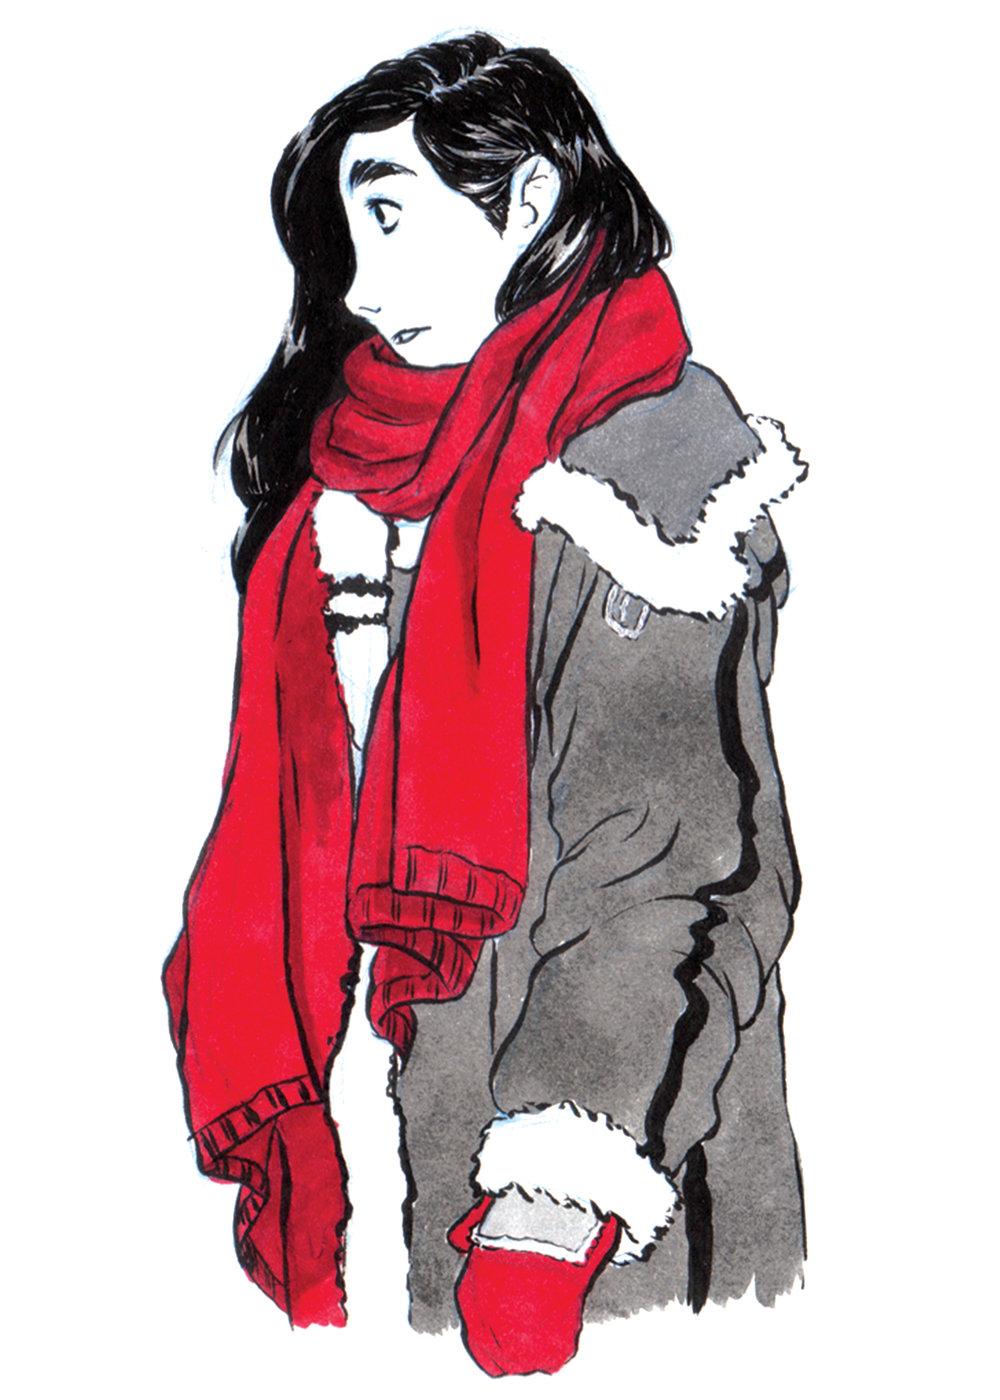 Girl_RedScarf_5x7.jpg